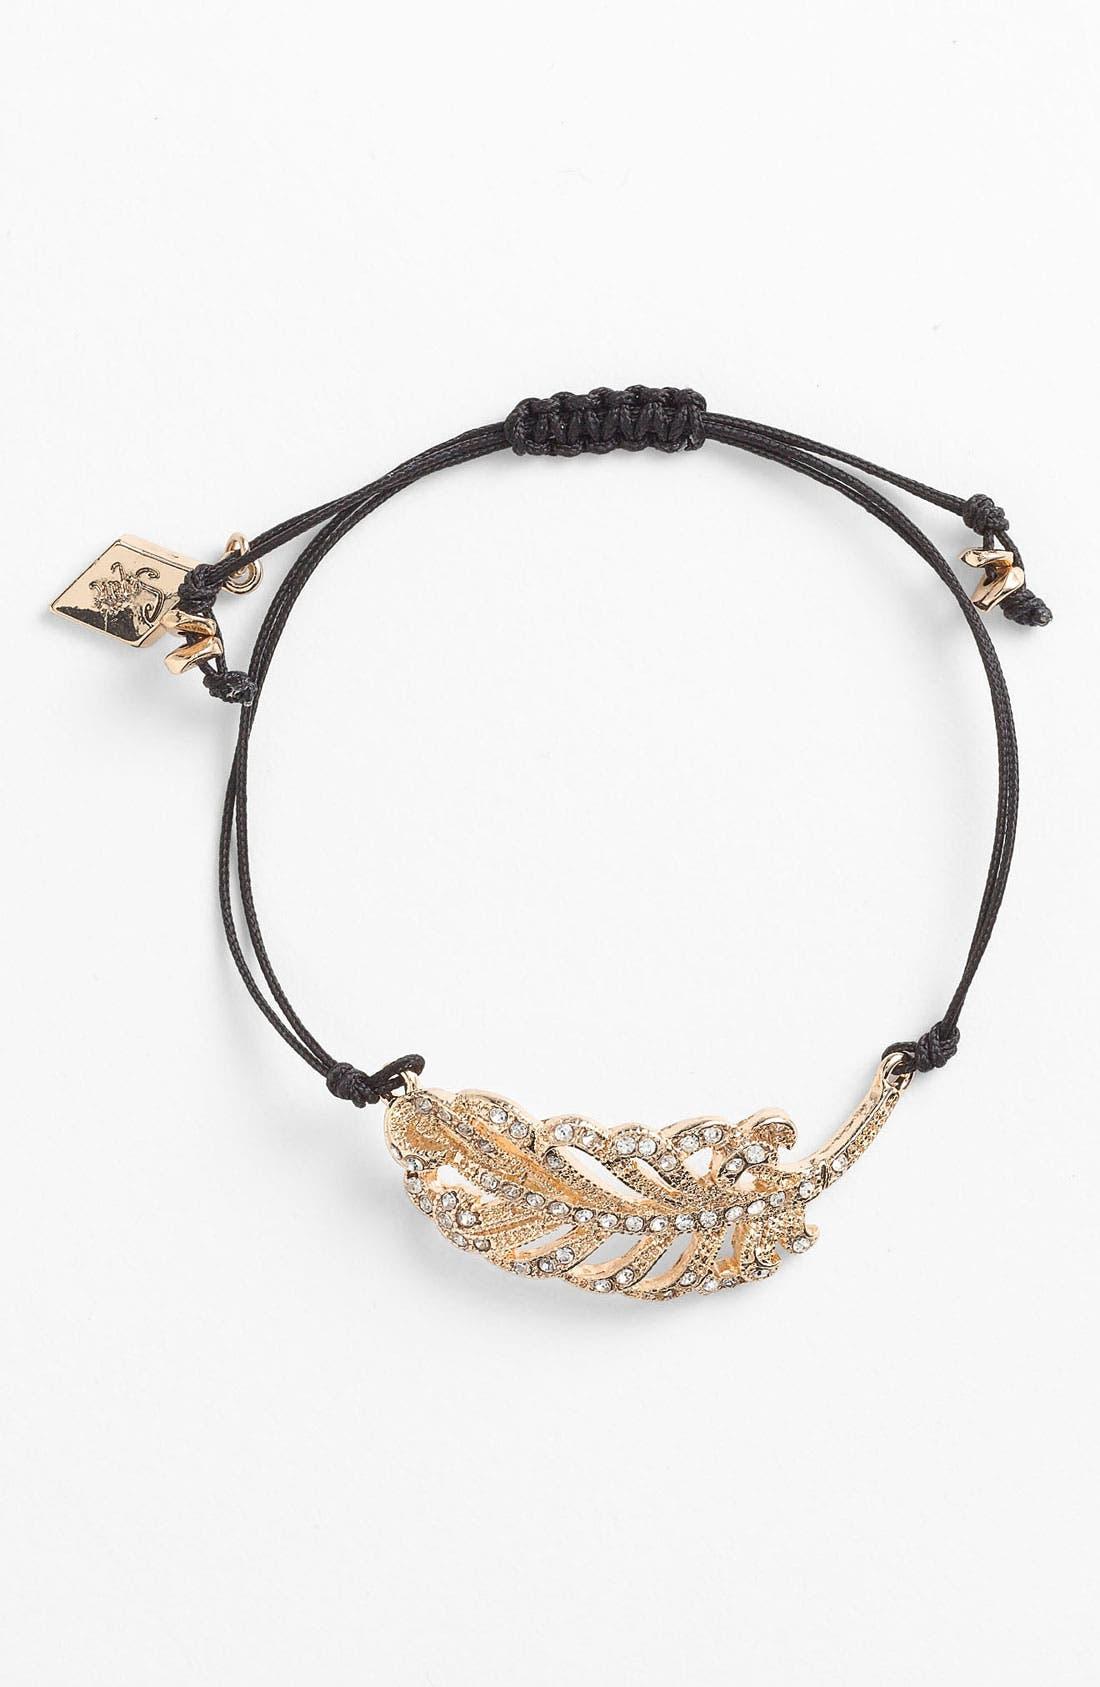 Main Image - Sequin 'Deco' Friendship Bracelet